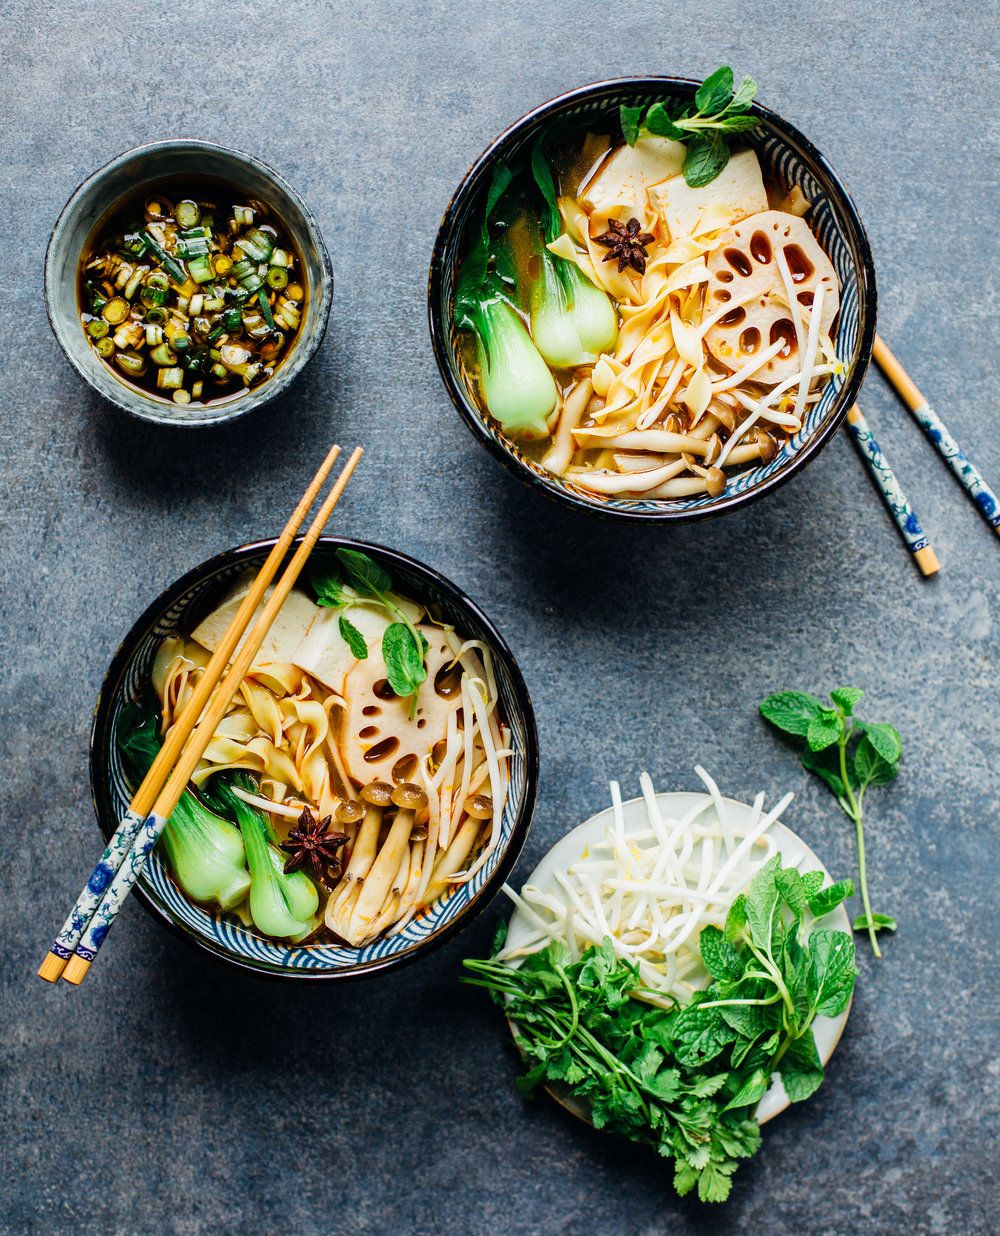 Veggie No Yolks Noodle Soup - Madeline Lu - @lumadeline